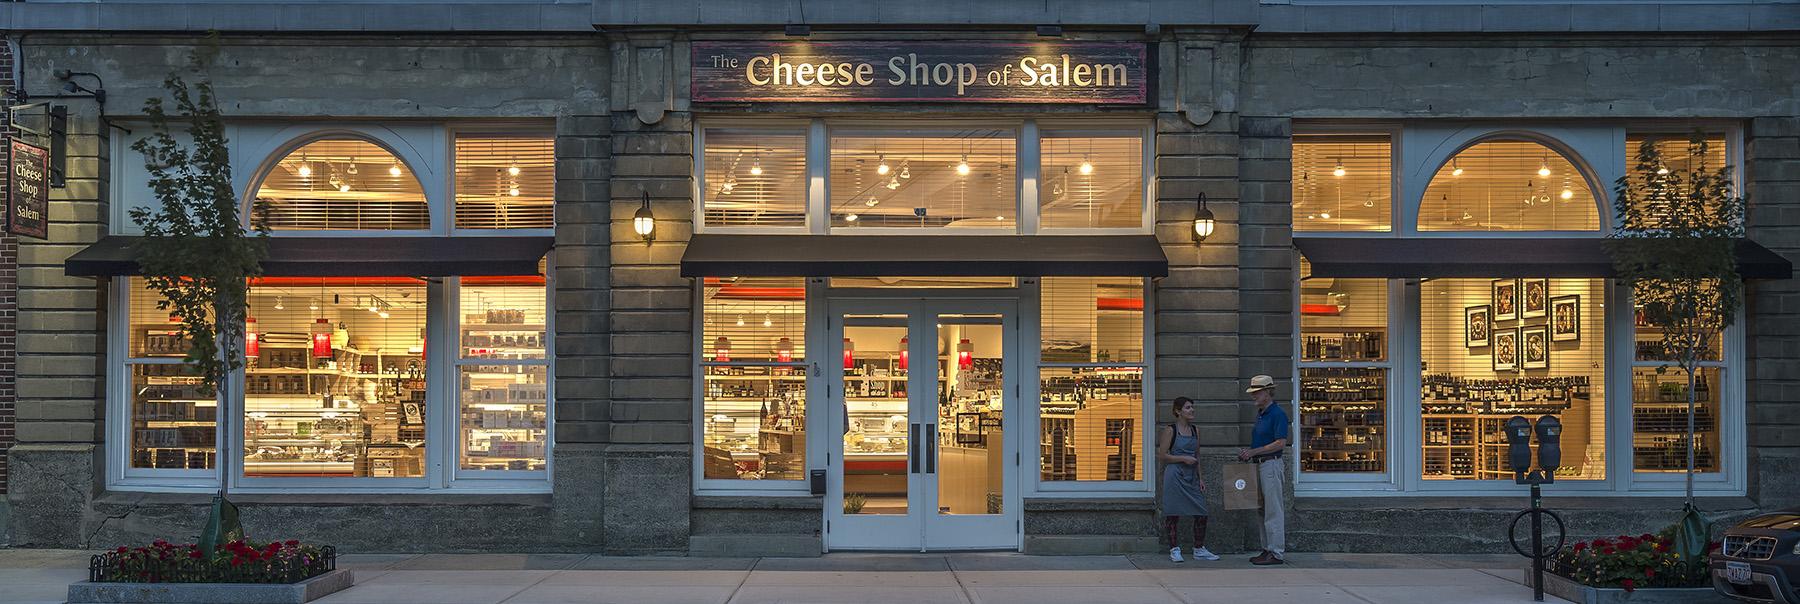 Cheese_Shop_Facade_1800.jpg